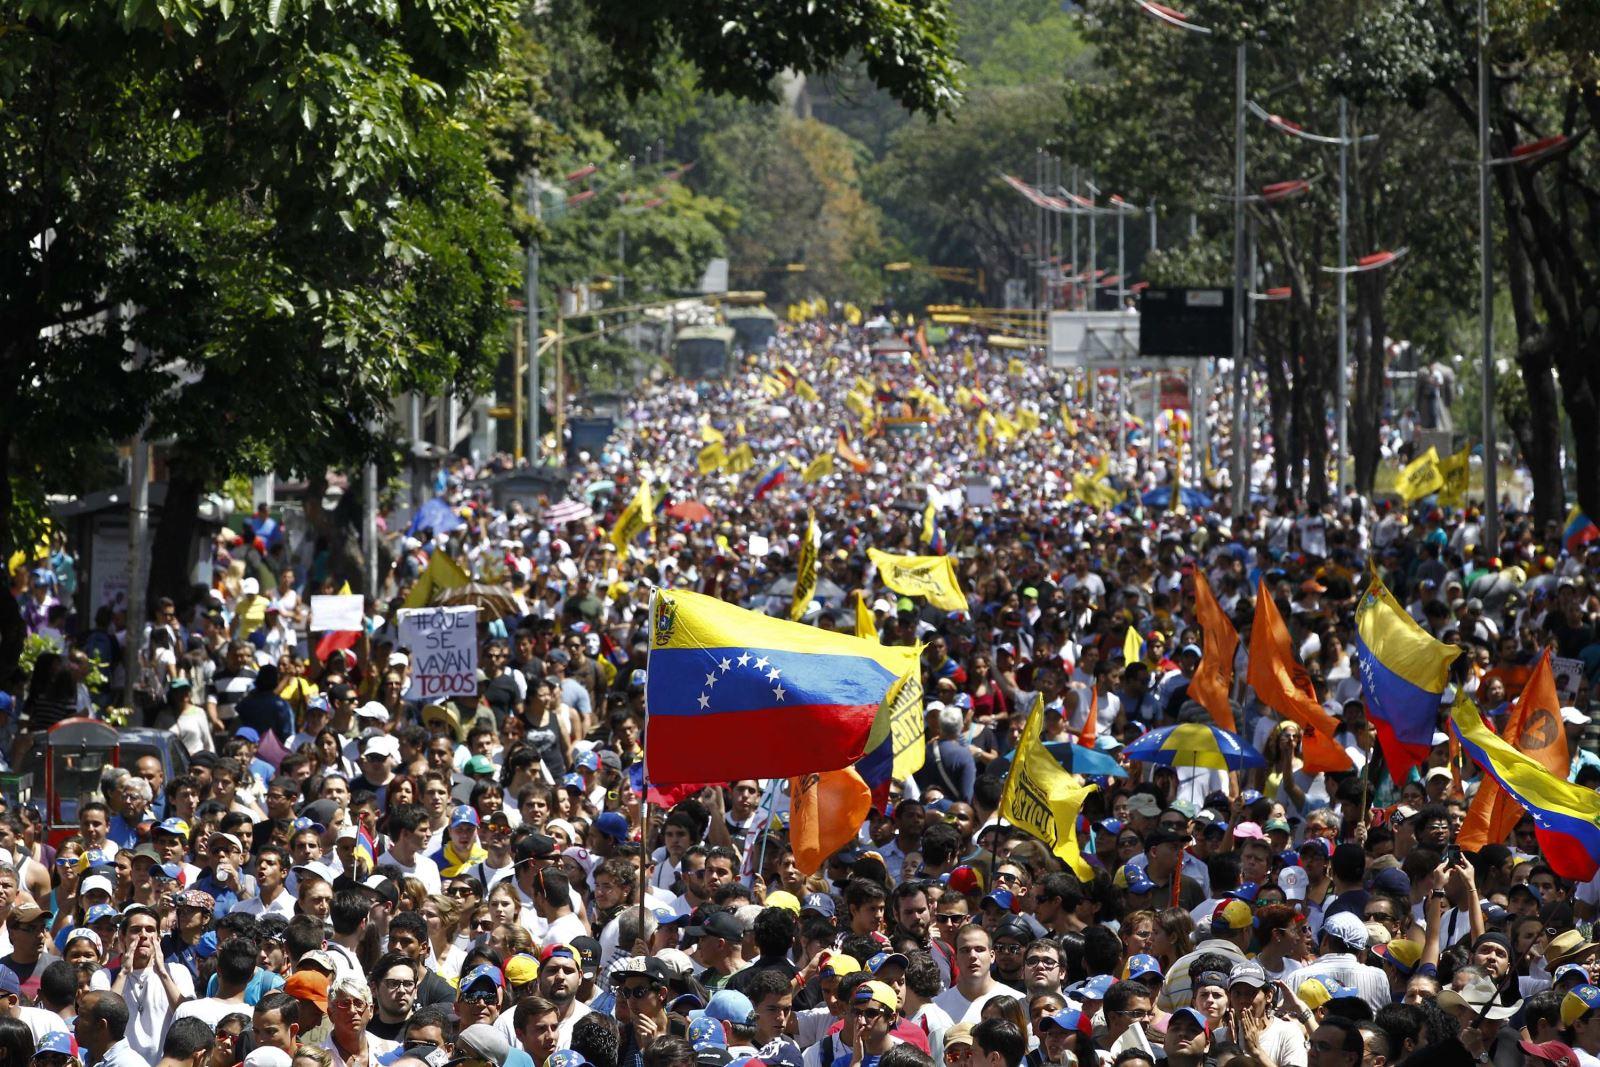 المعارضة الفنزويلية تتحدى مادورو بتظاهرة في عيد العمل